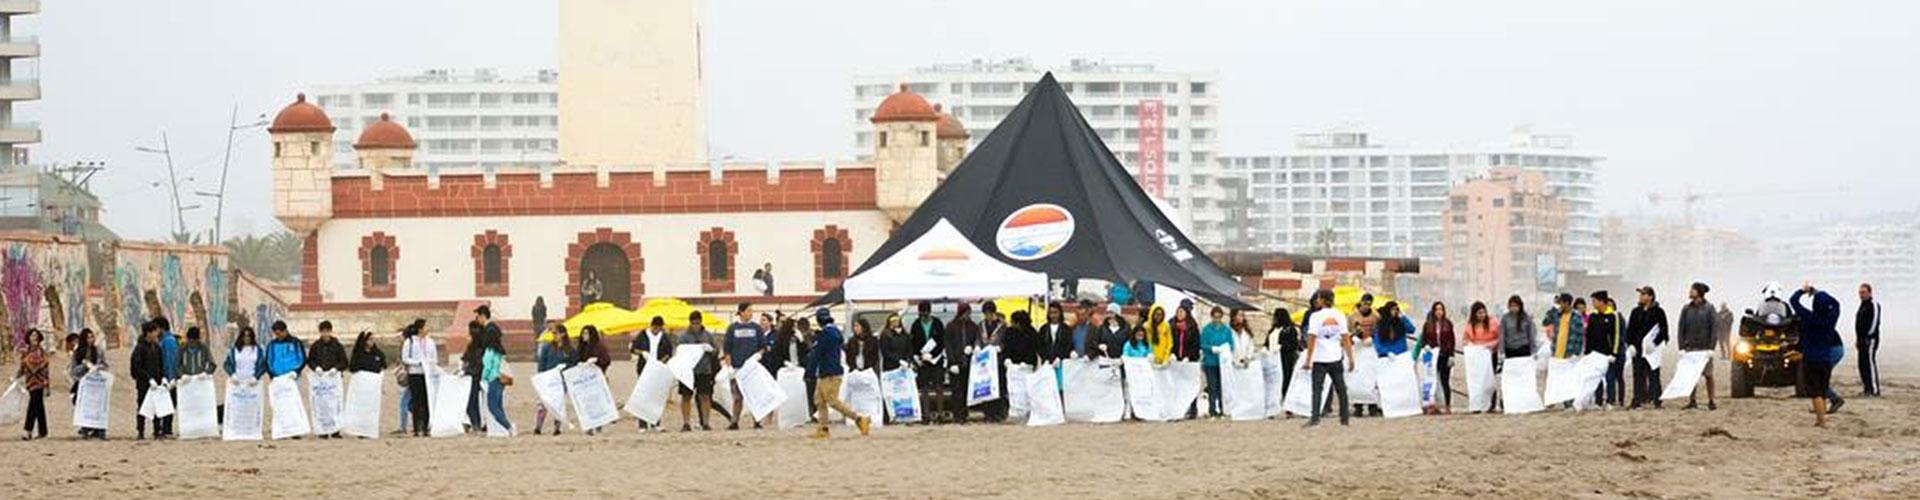 reciclan-dia-del-oceano-banner-2